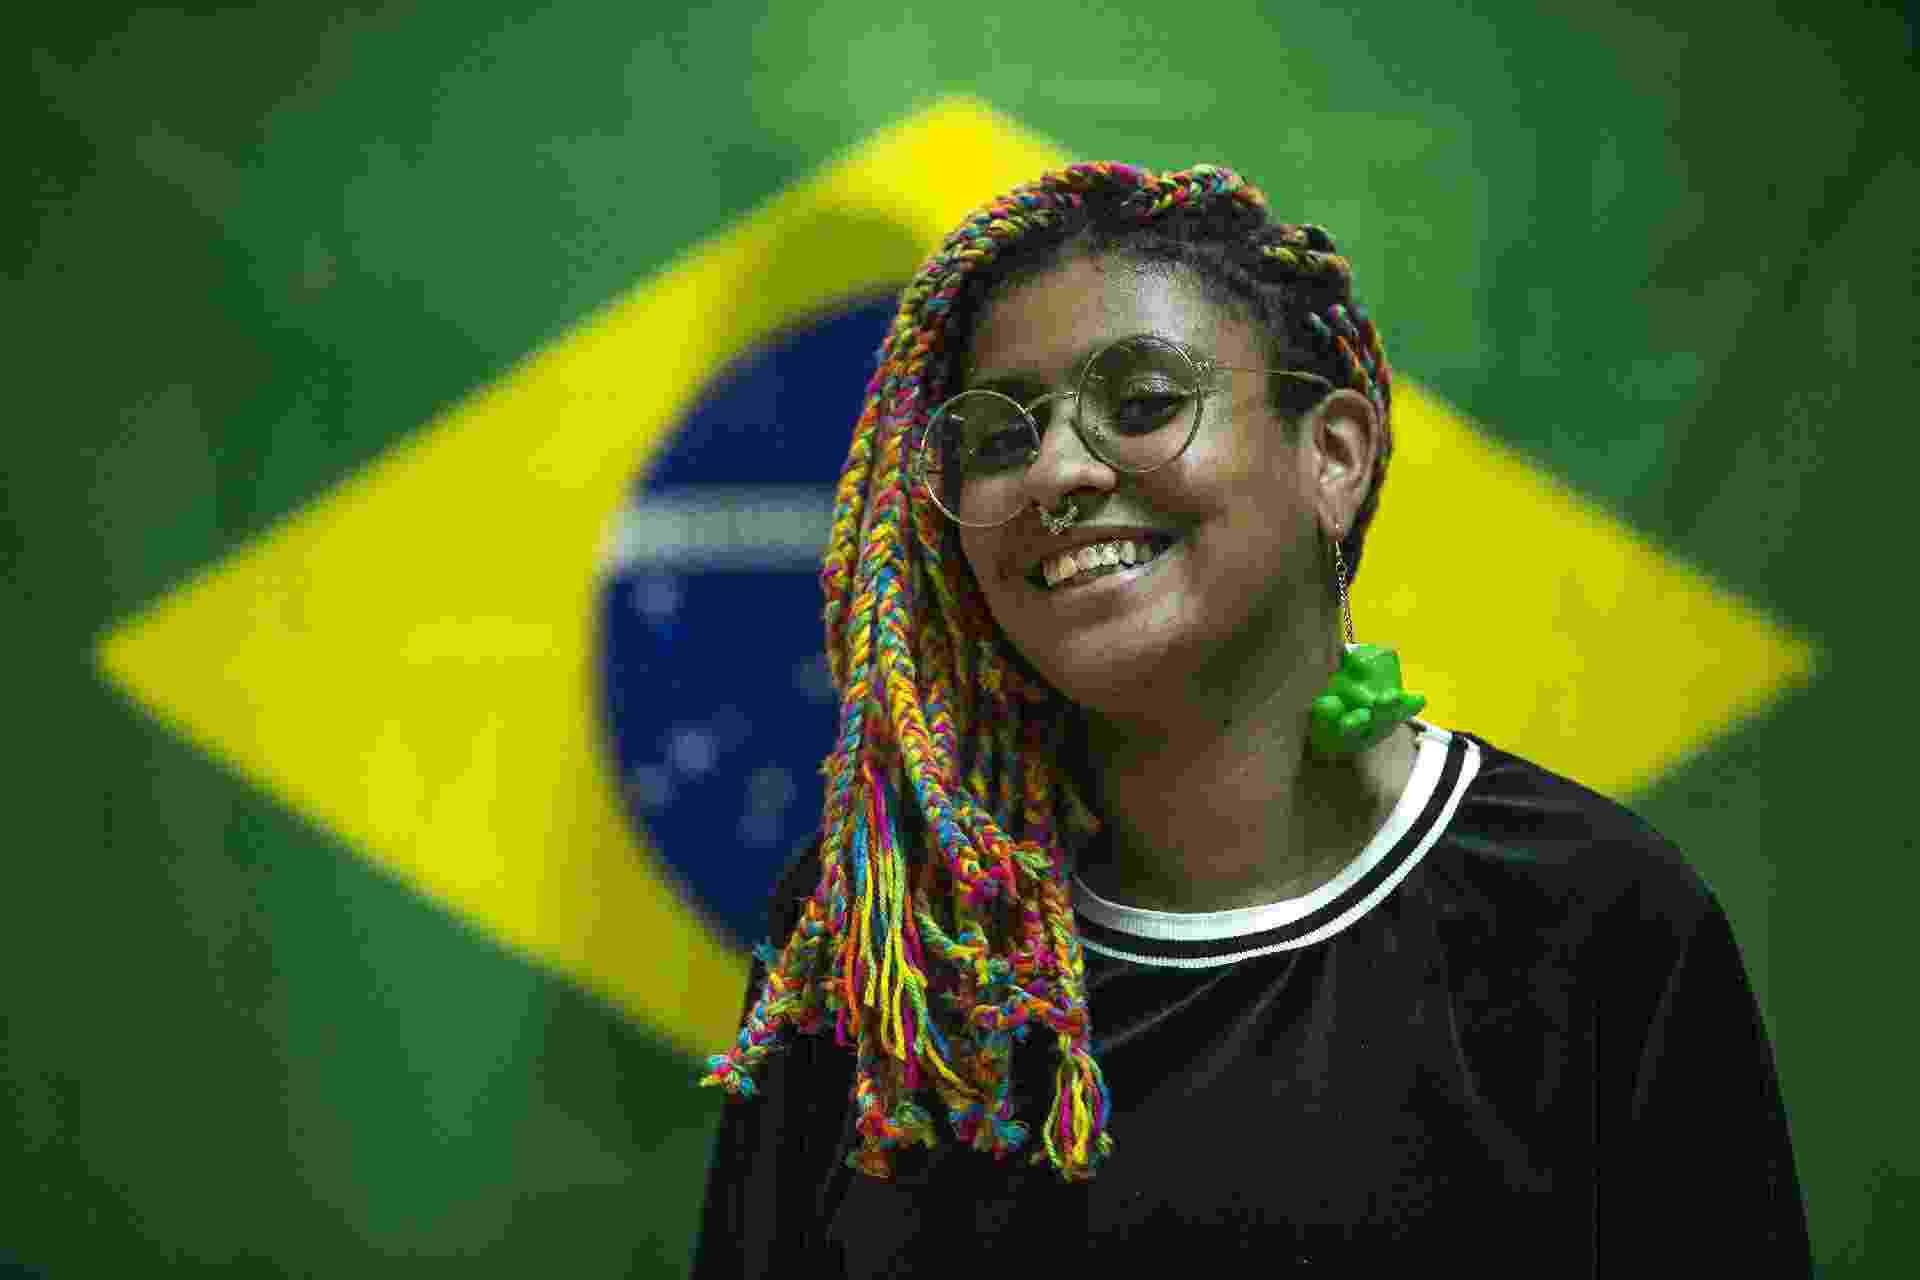 Torcedoras recebem a seleção de futebol feminino no aeroporto de Guarulhos nesta terça-feira (25) - Jardiel Carvalho/UOL